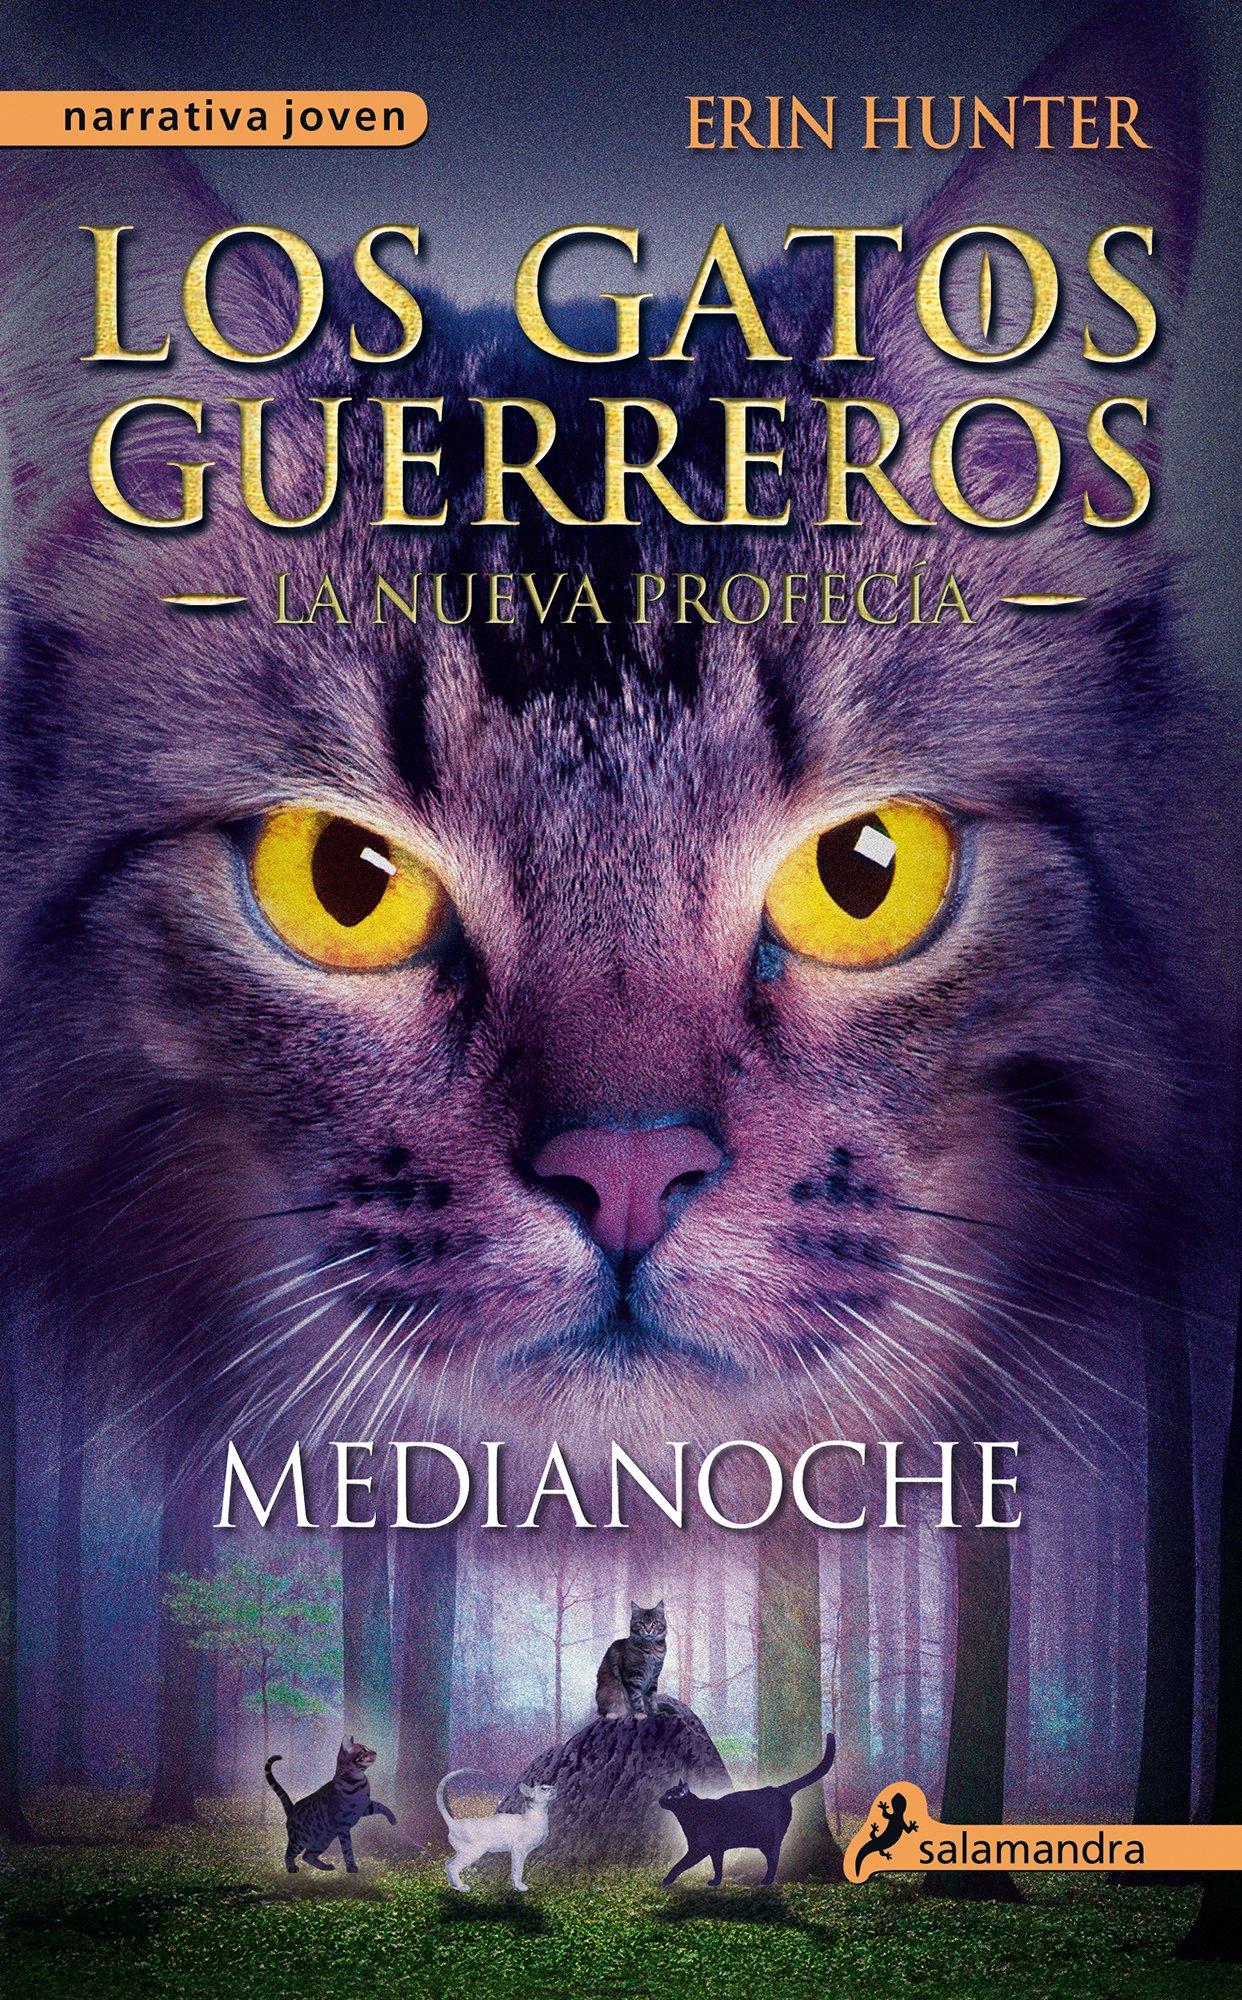 Medianoche: Los gatos guerreros - La nueva profecía I Narrativa Joven: Amazon.es: Erin Hunter, Begoña Hernández Sala: Libros